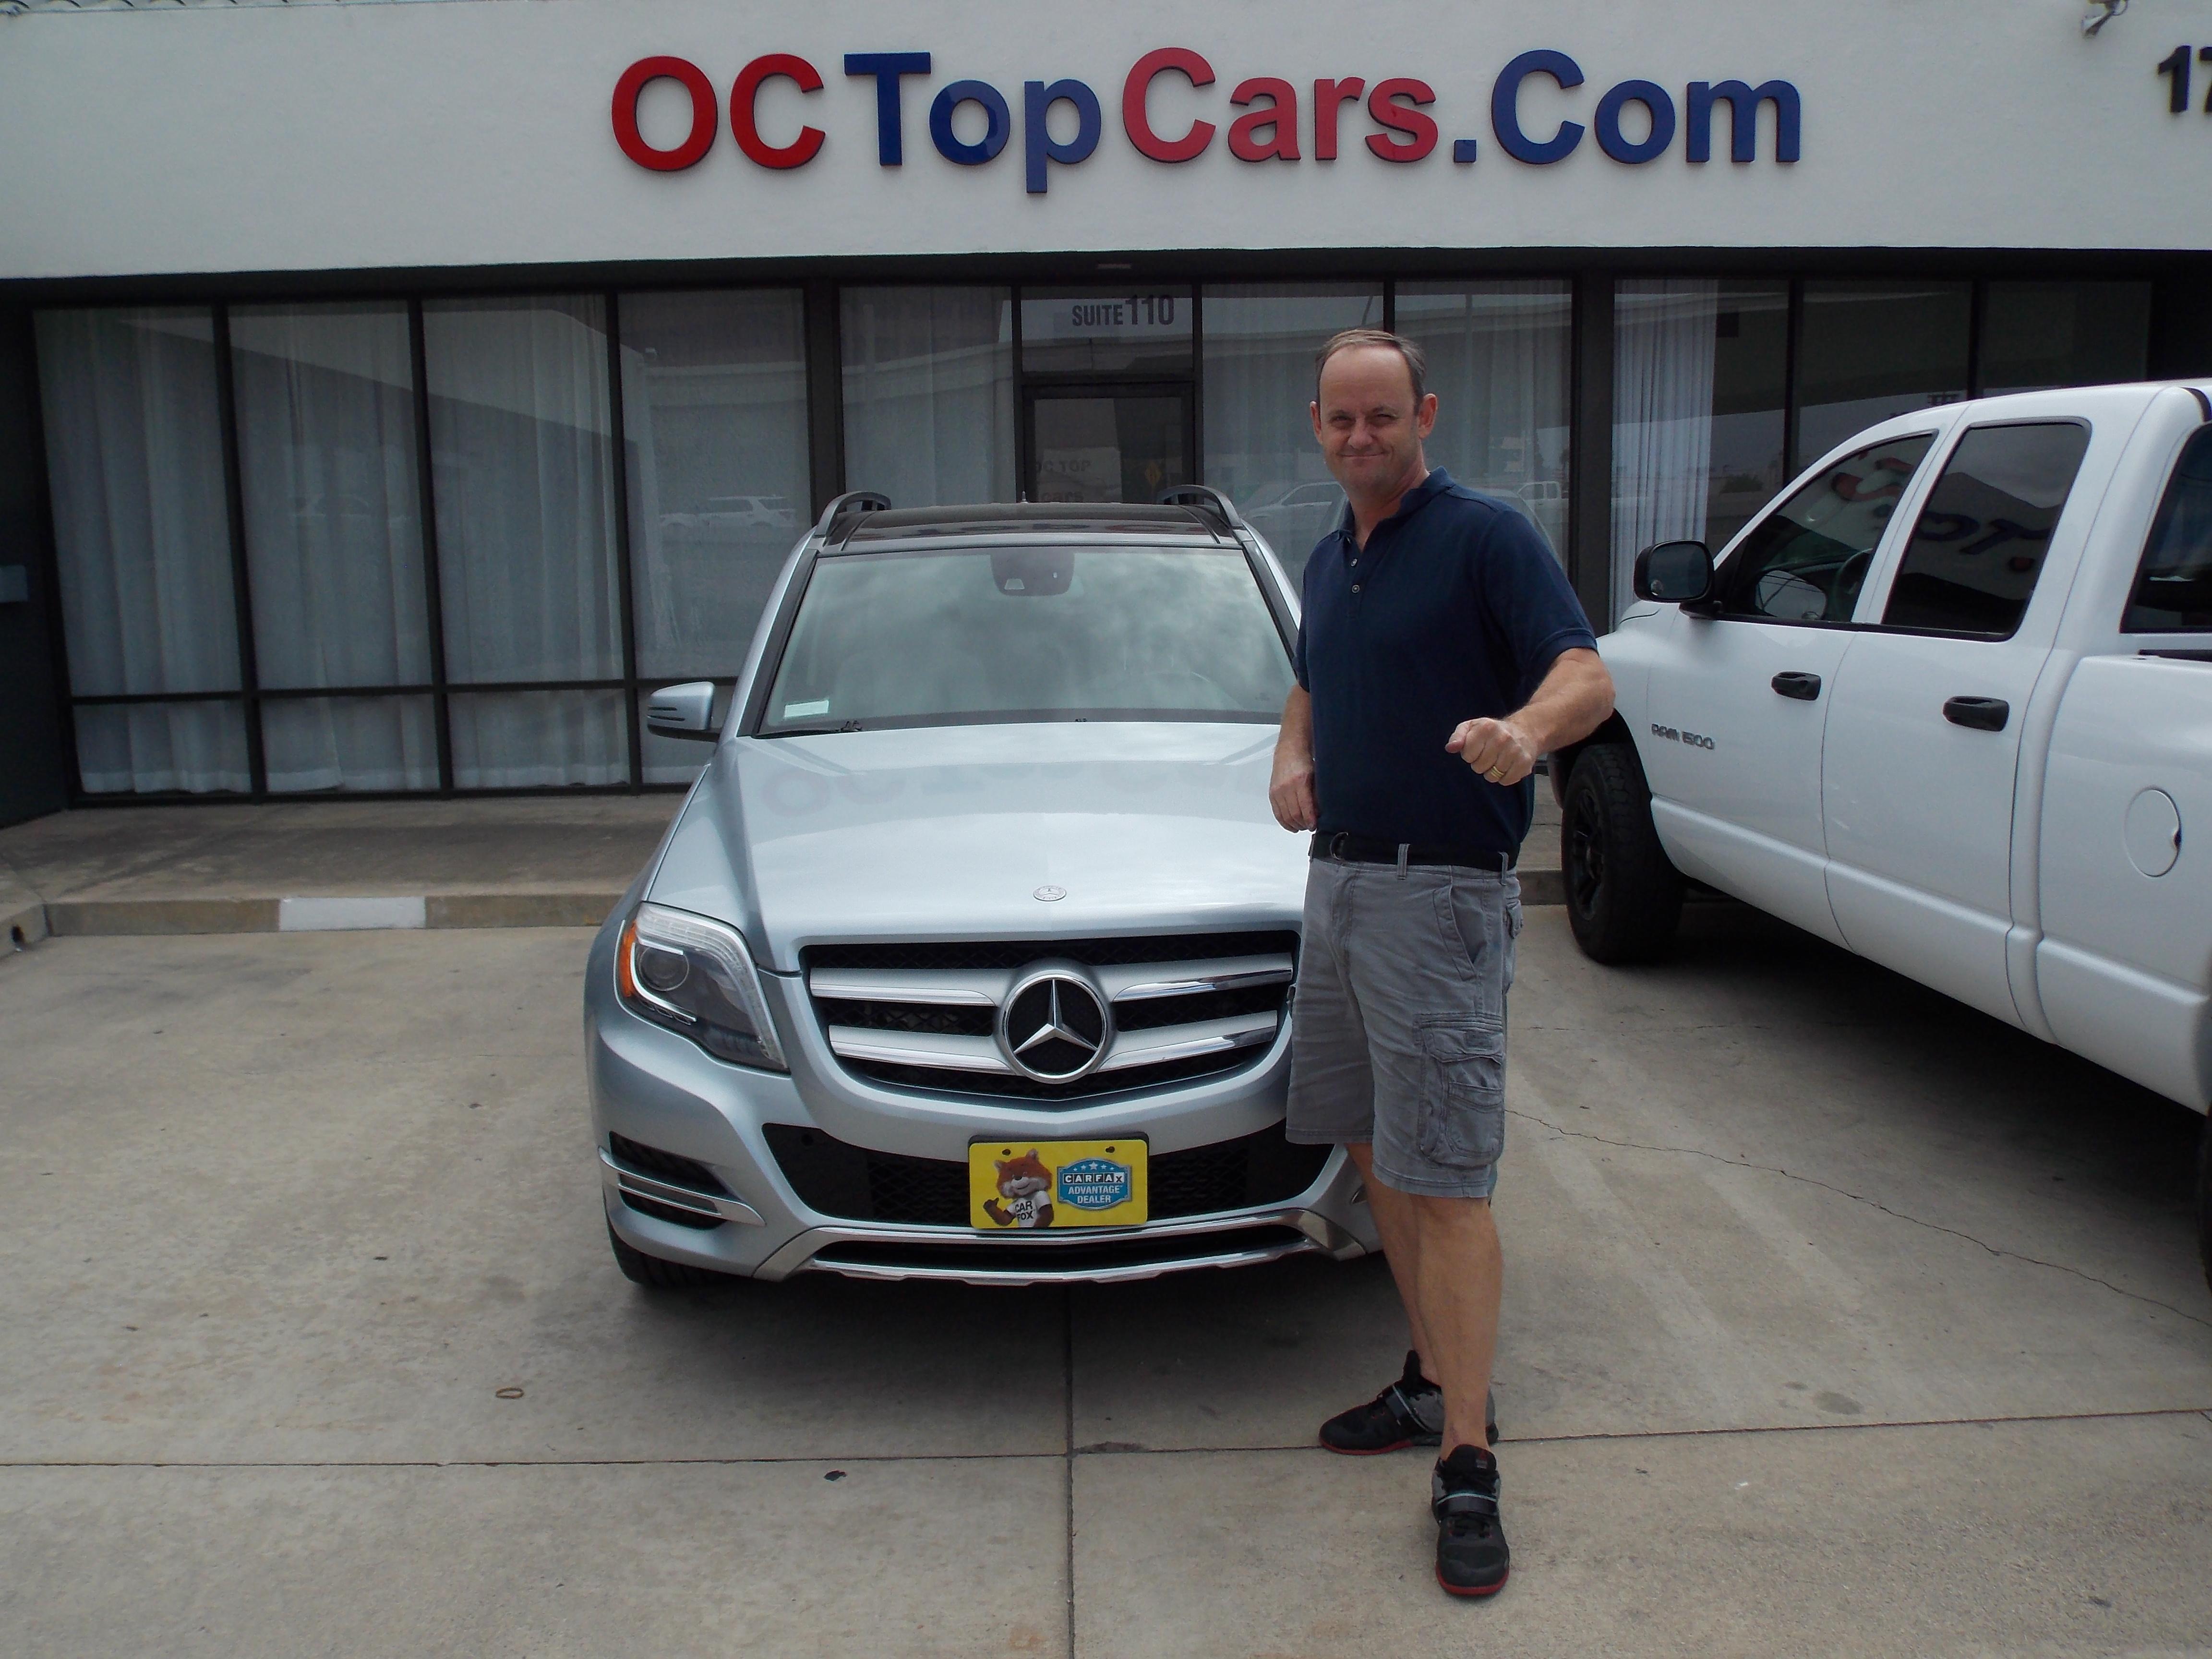 OcTopCars.com